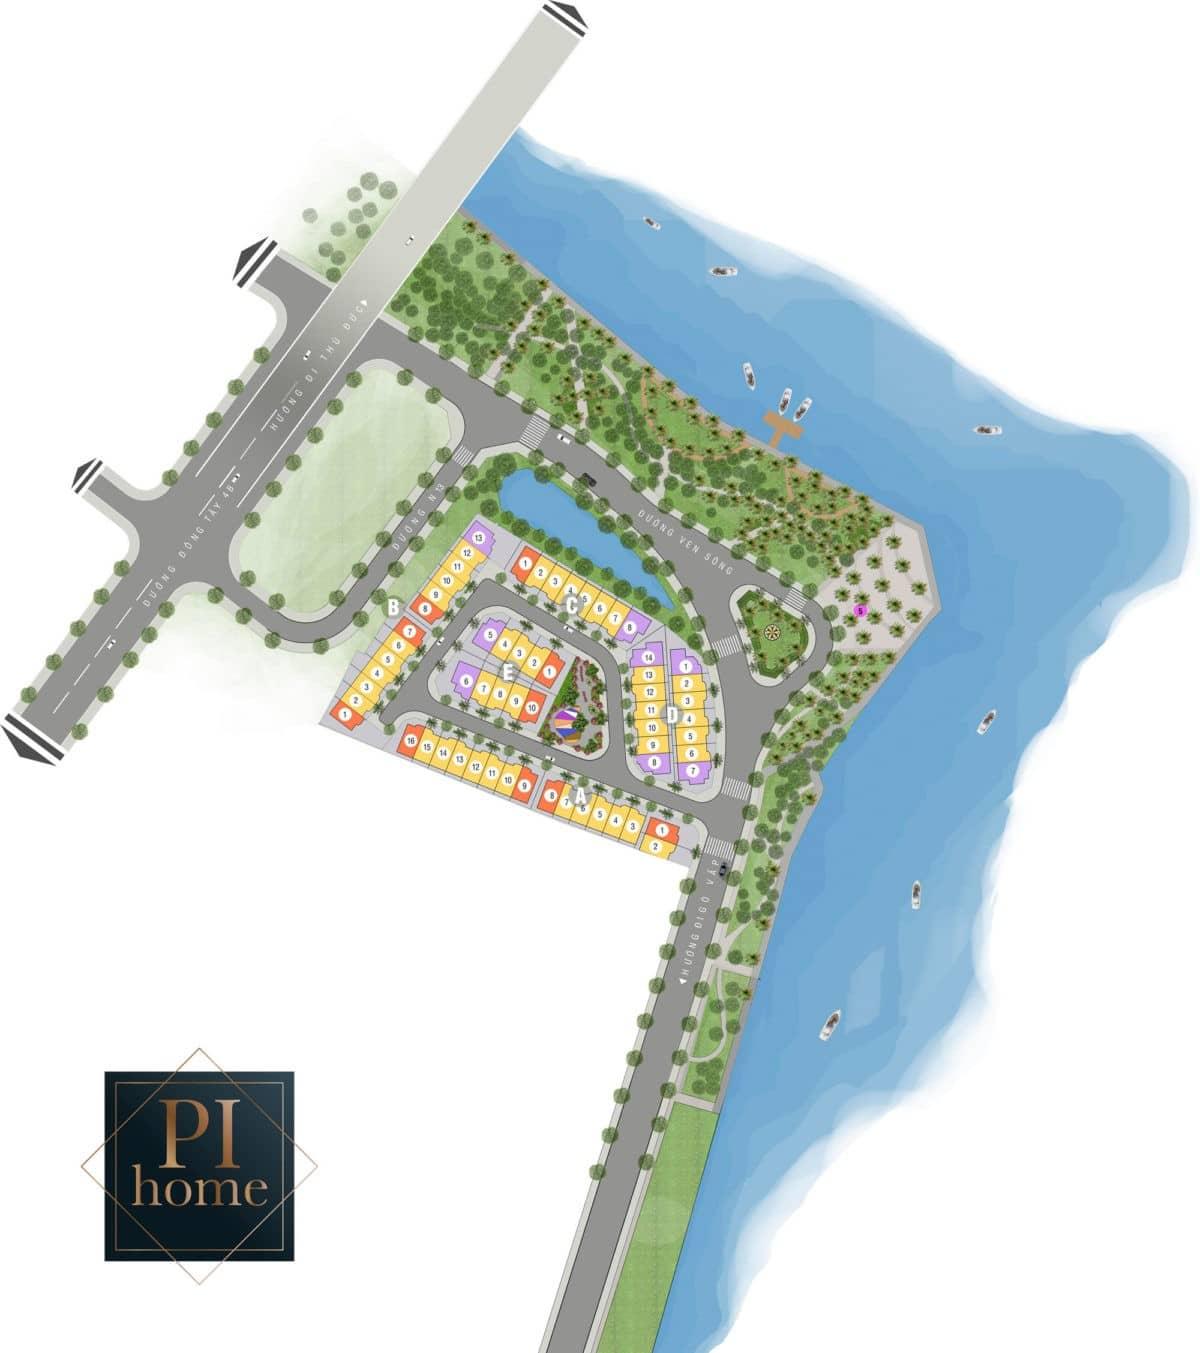 Mặt bằng phân lô Dự án Biệt thự Pi Home Quận 12